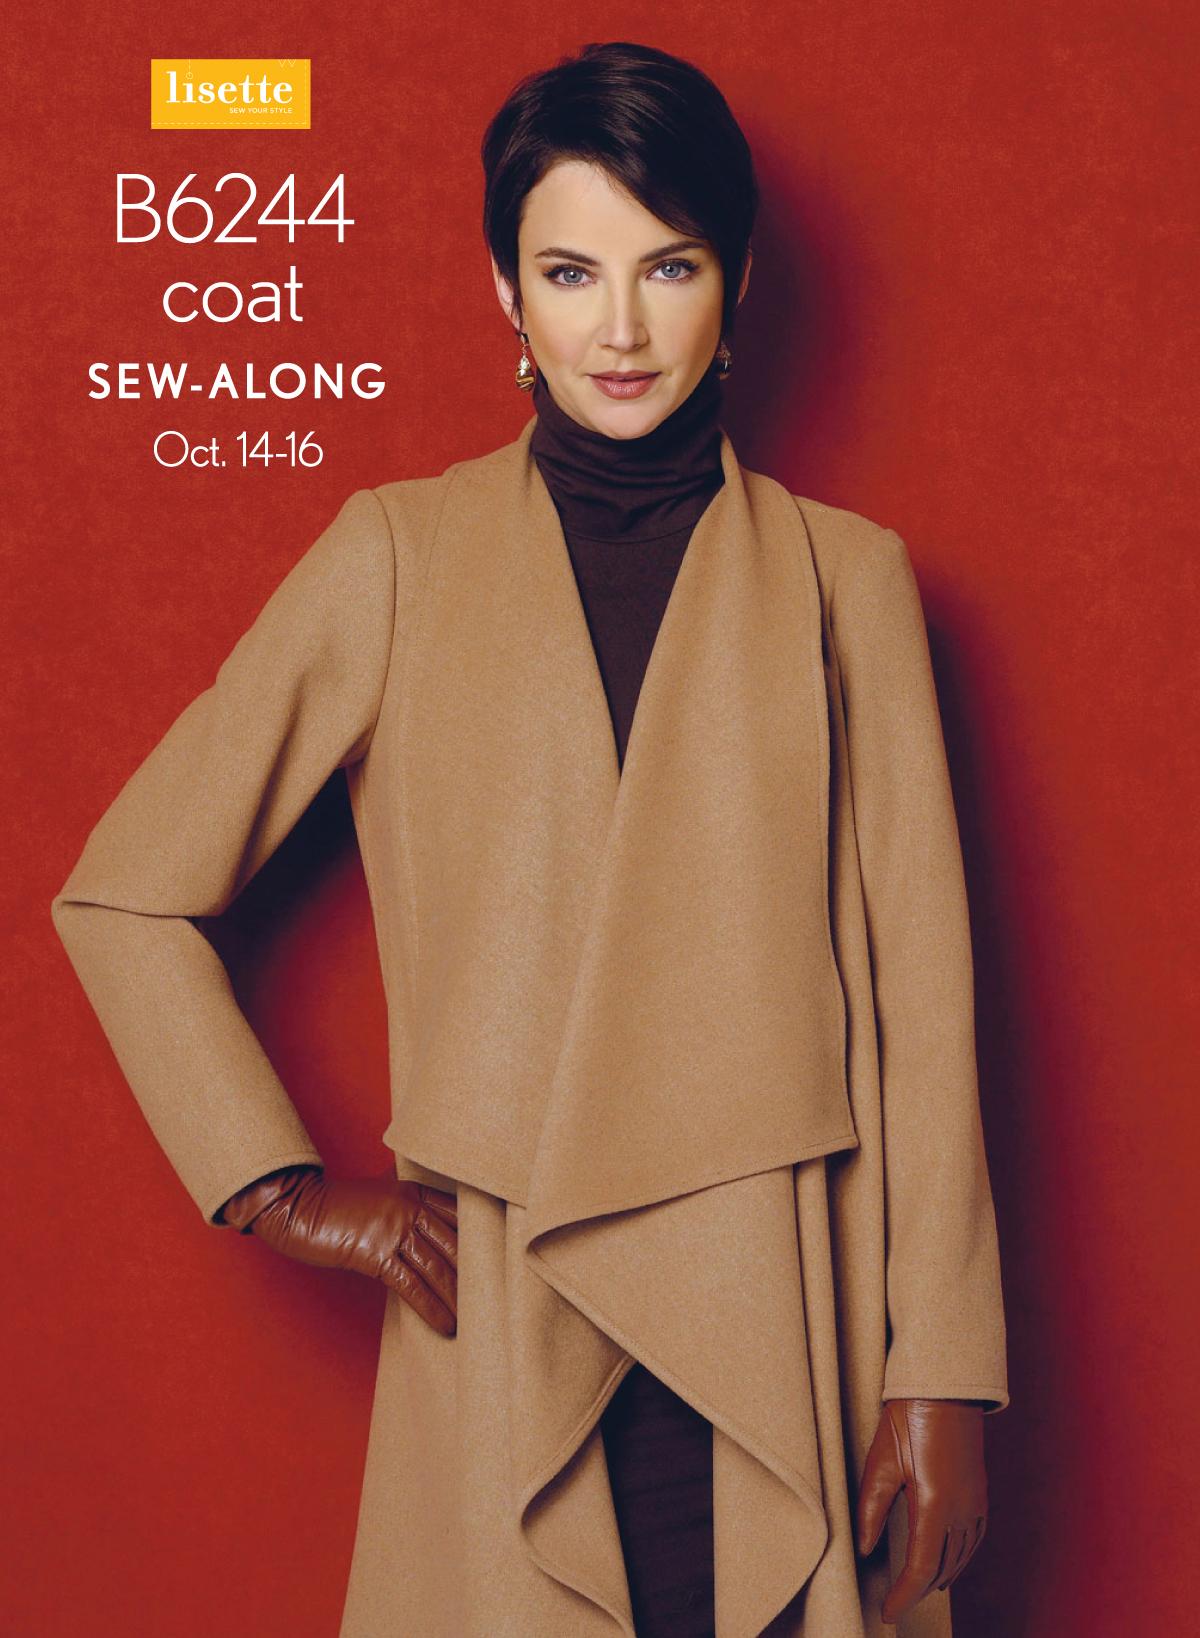 Lisette for Butterick B6244 Coat Sew Along   Blog   Oliver + S